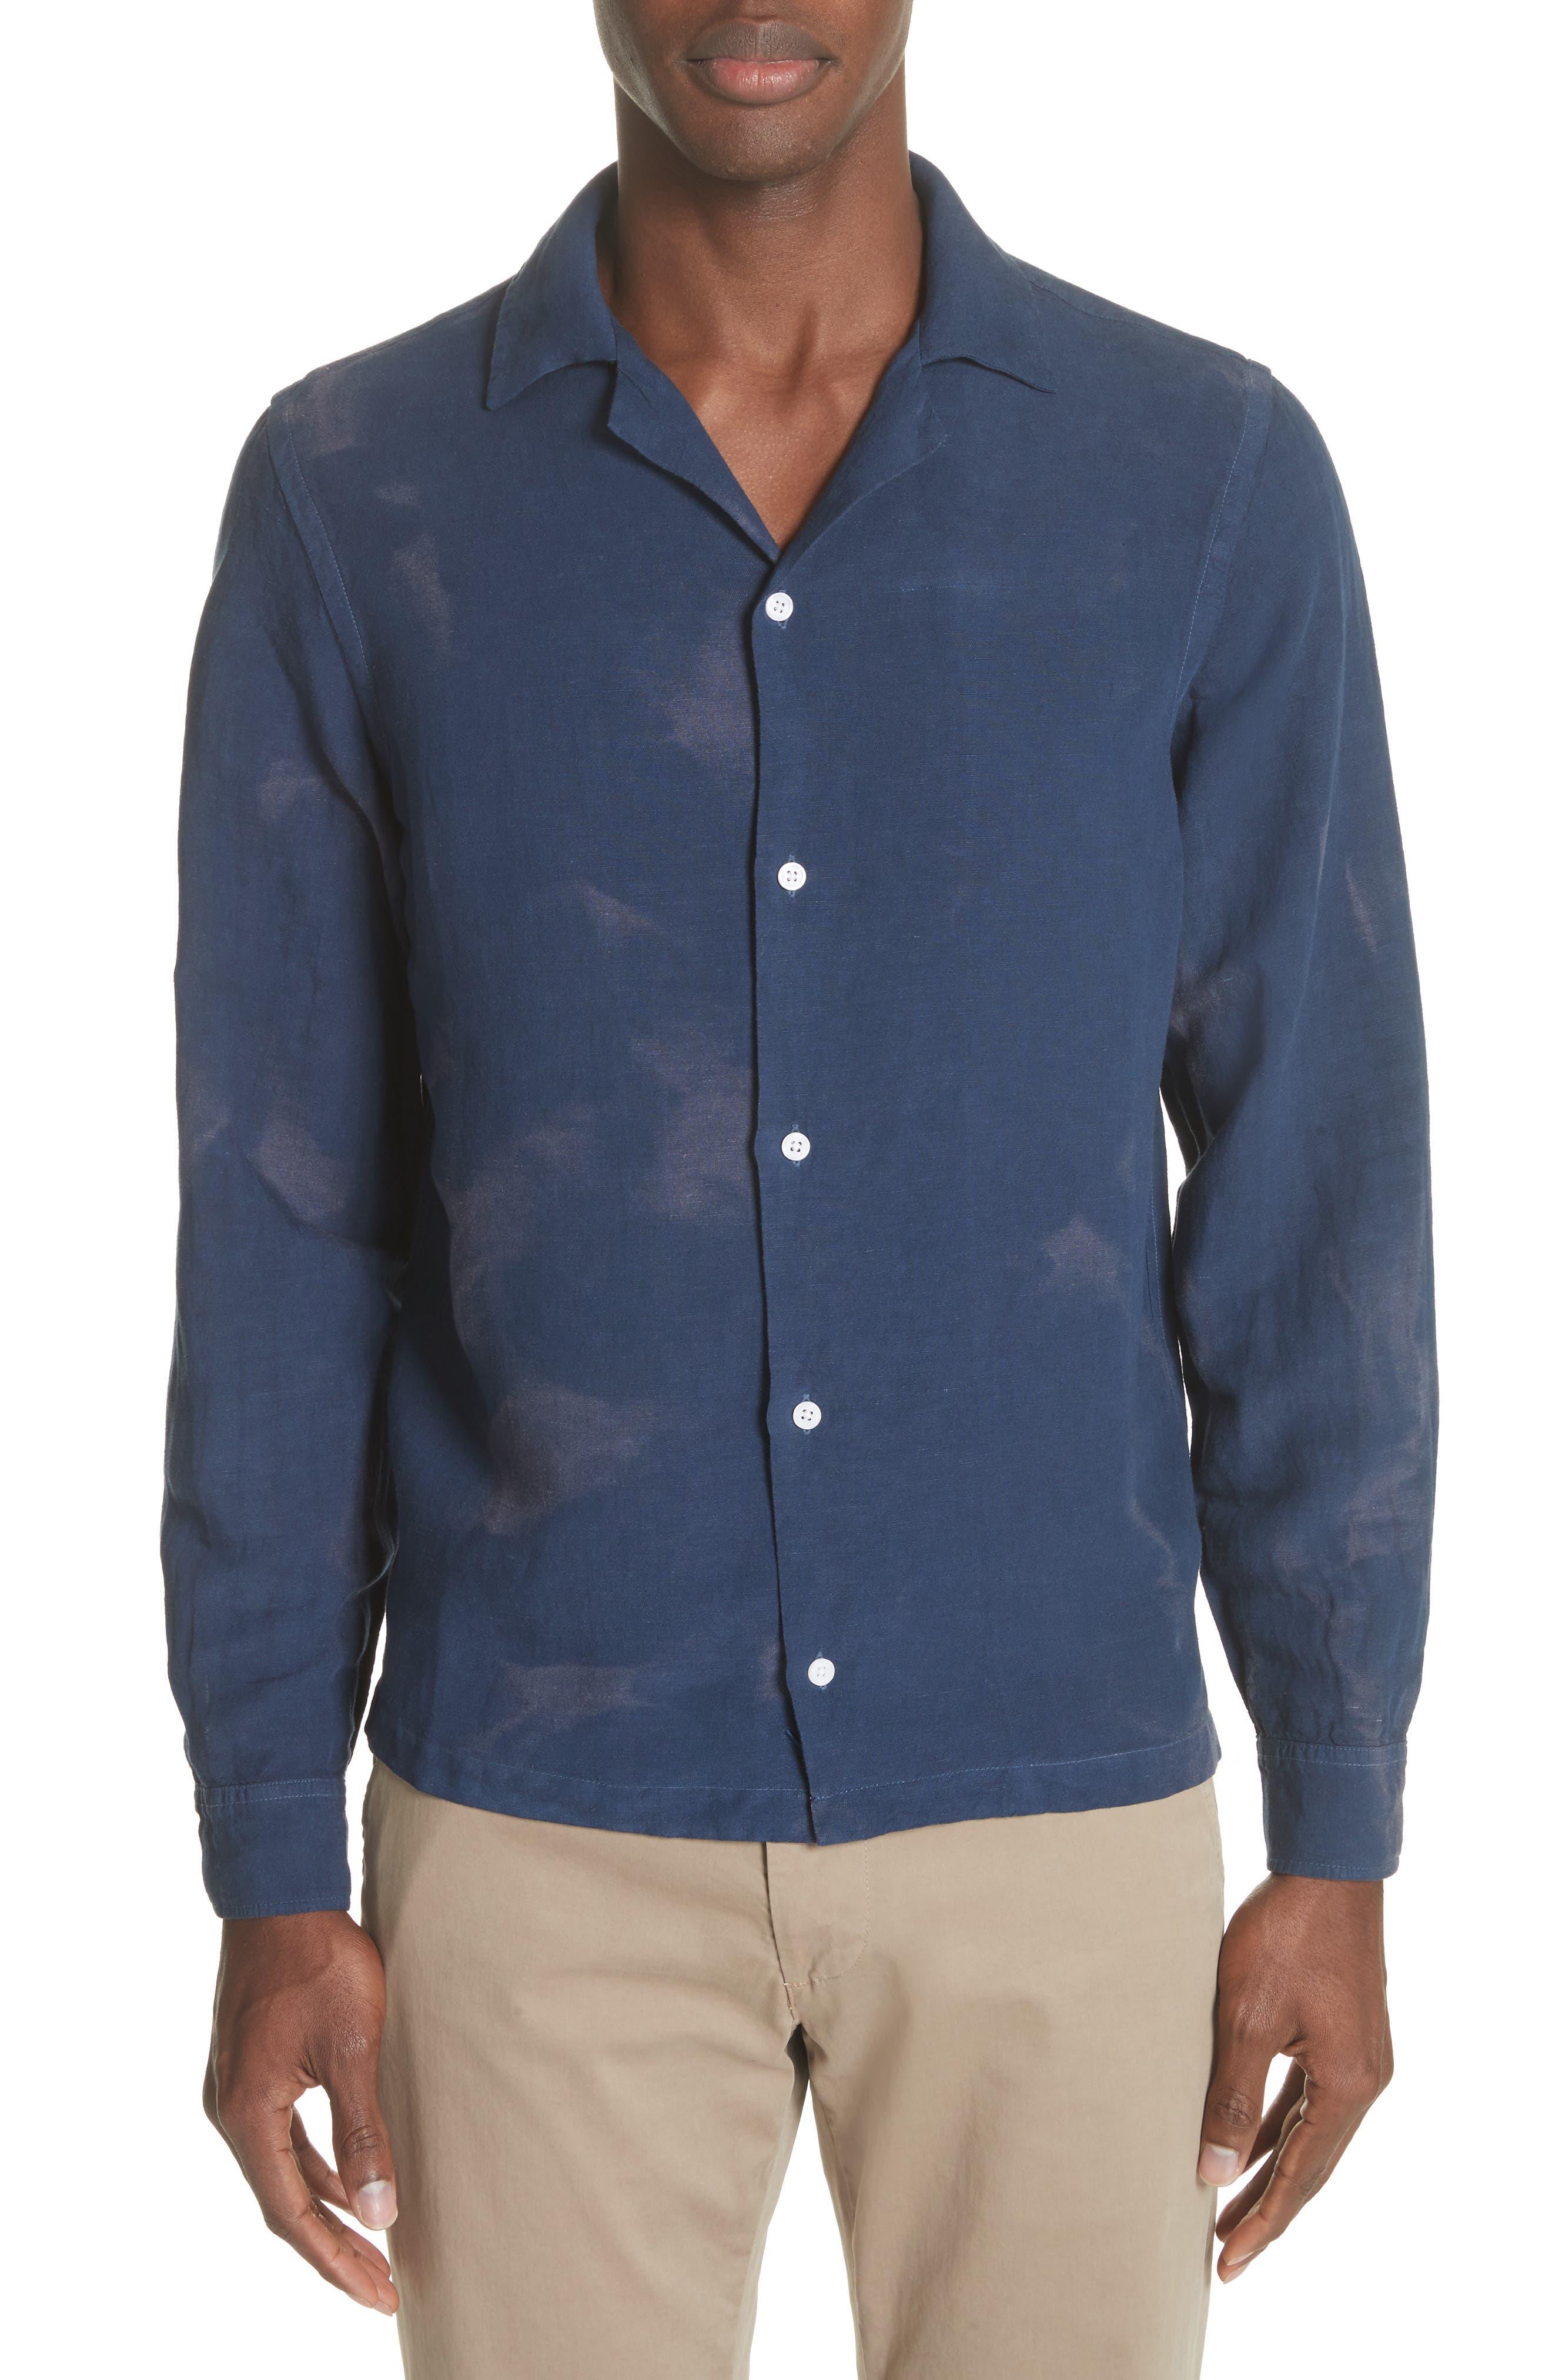 Canty Long Sleeve Camp Shirt,                             Main thumbnail 1, color,